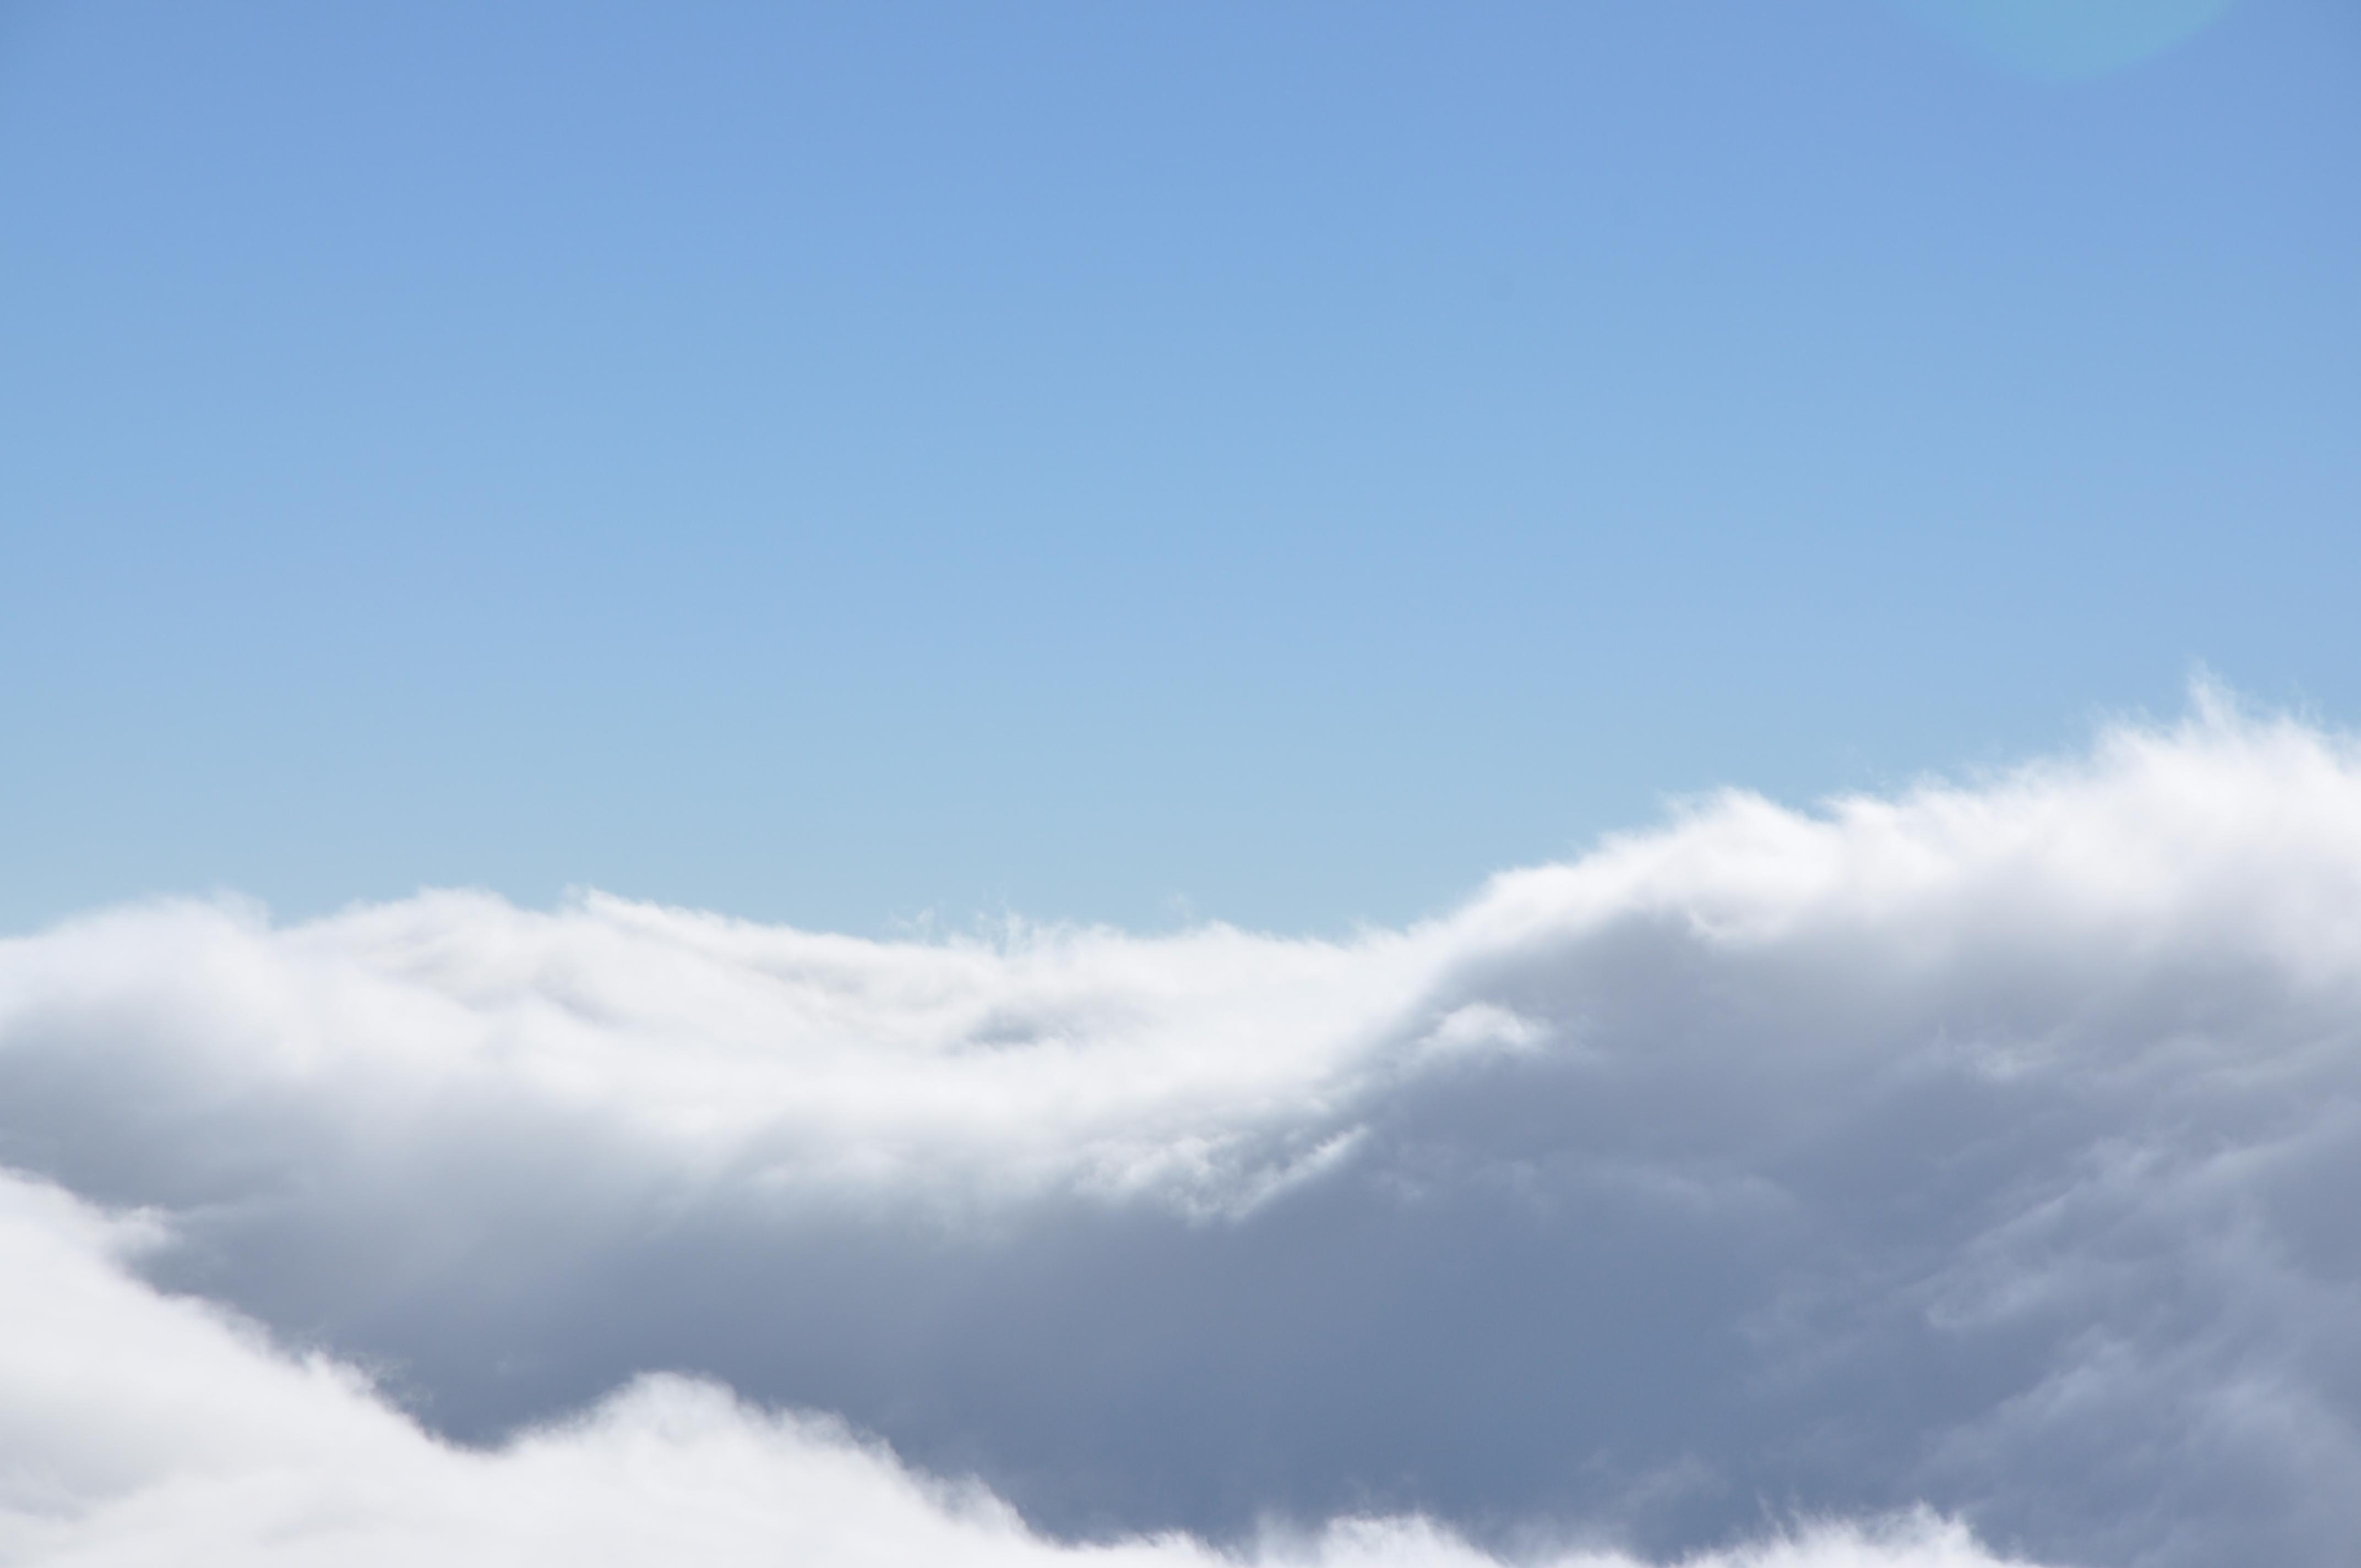 水墨雪山天空背景素材